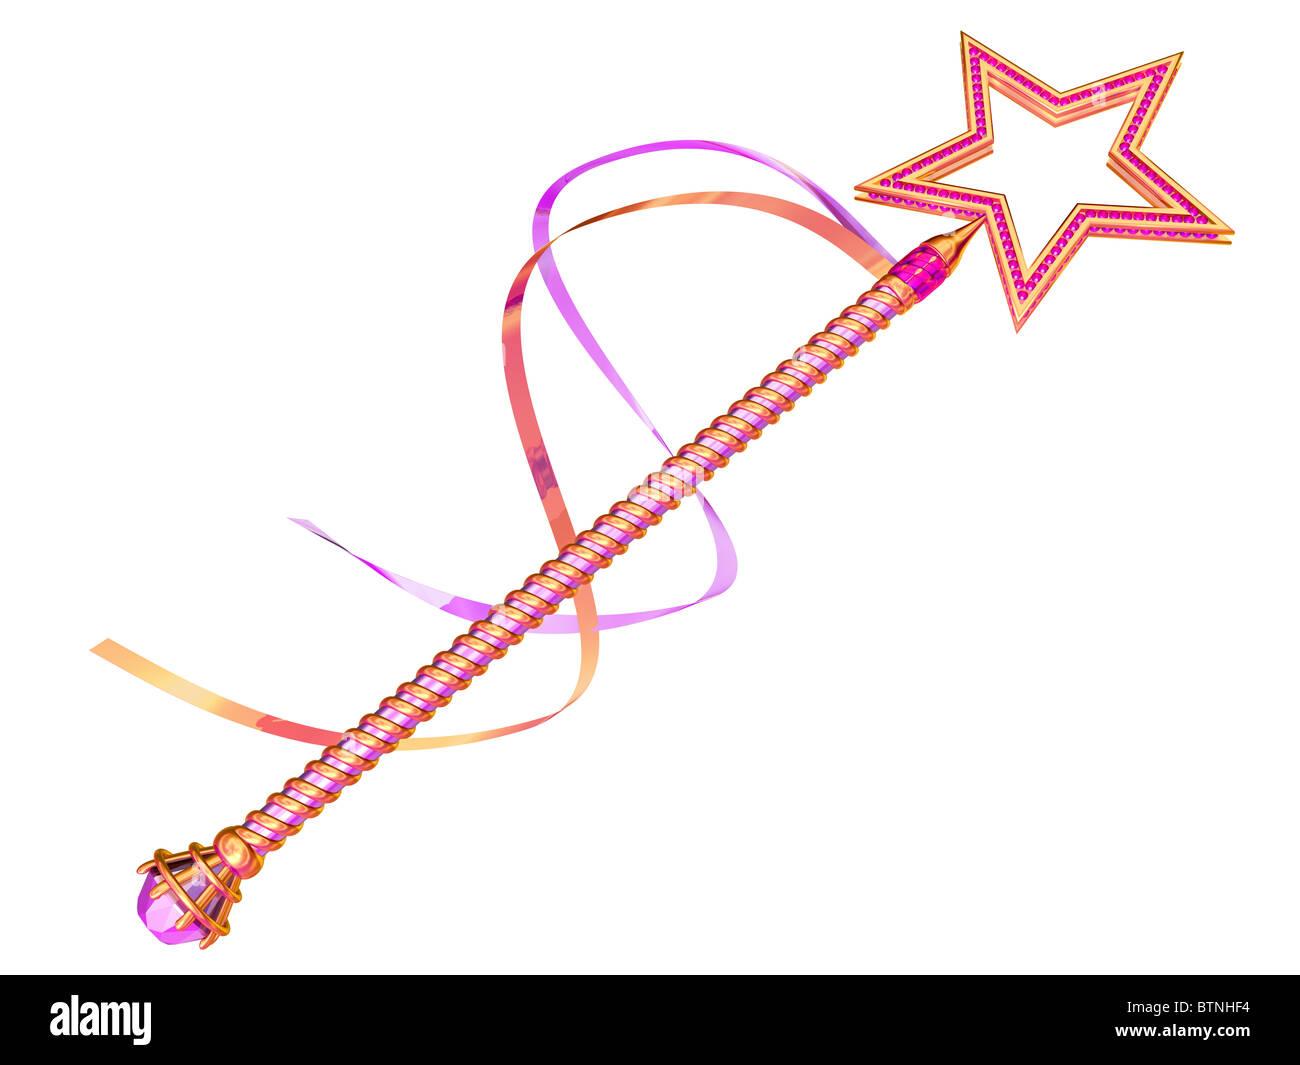 Illustrazione isolato di una rosa e oro fairy wand Immagini Stock